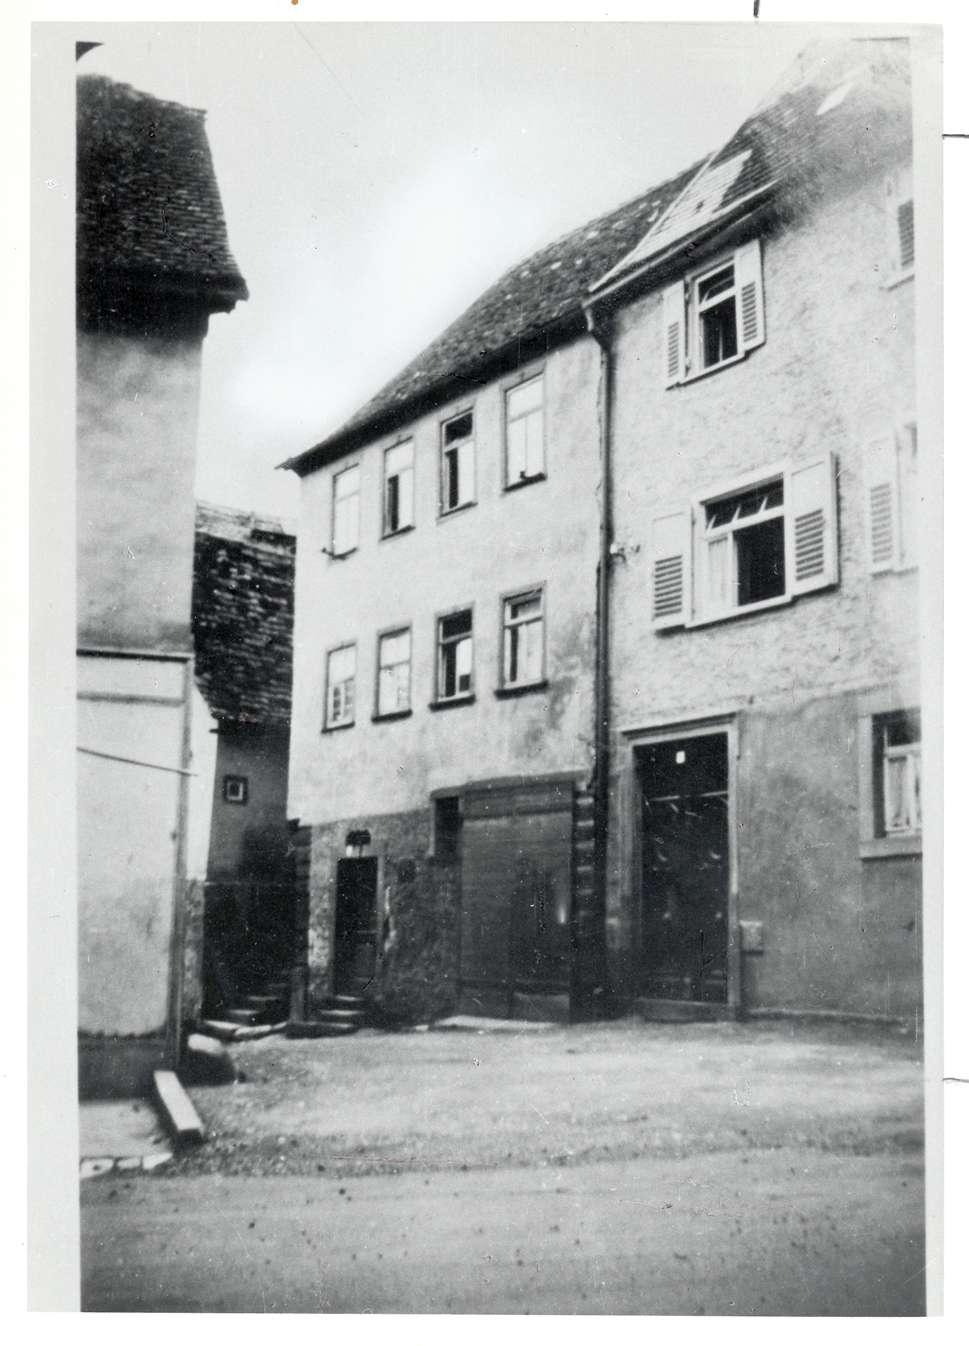 Hardheim, MOS; Synagoge, Außenansicht, Bild 1